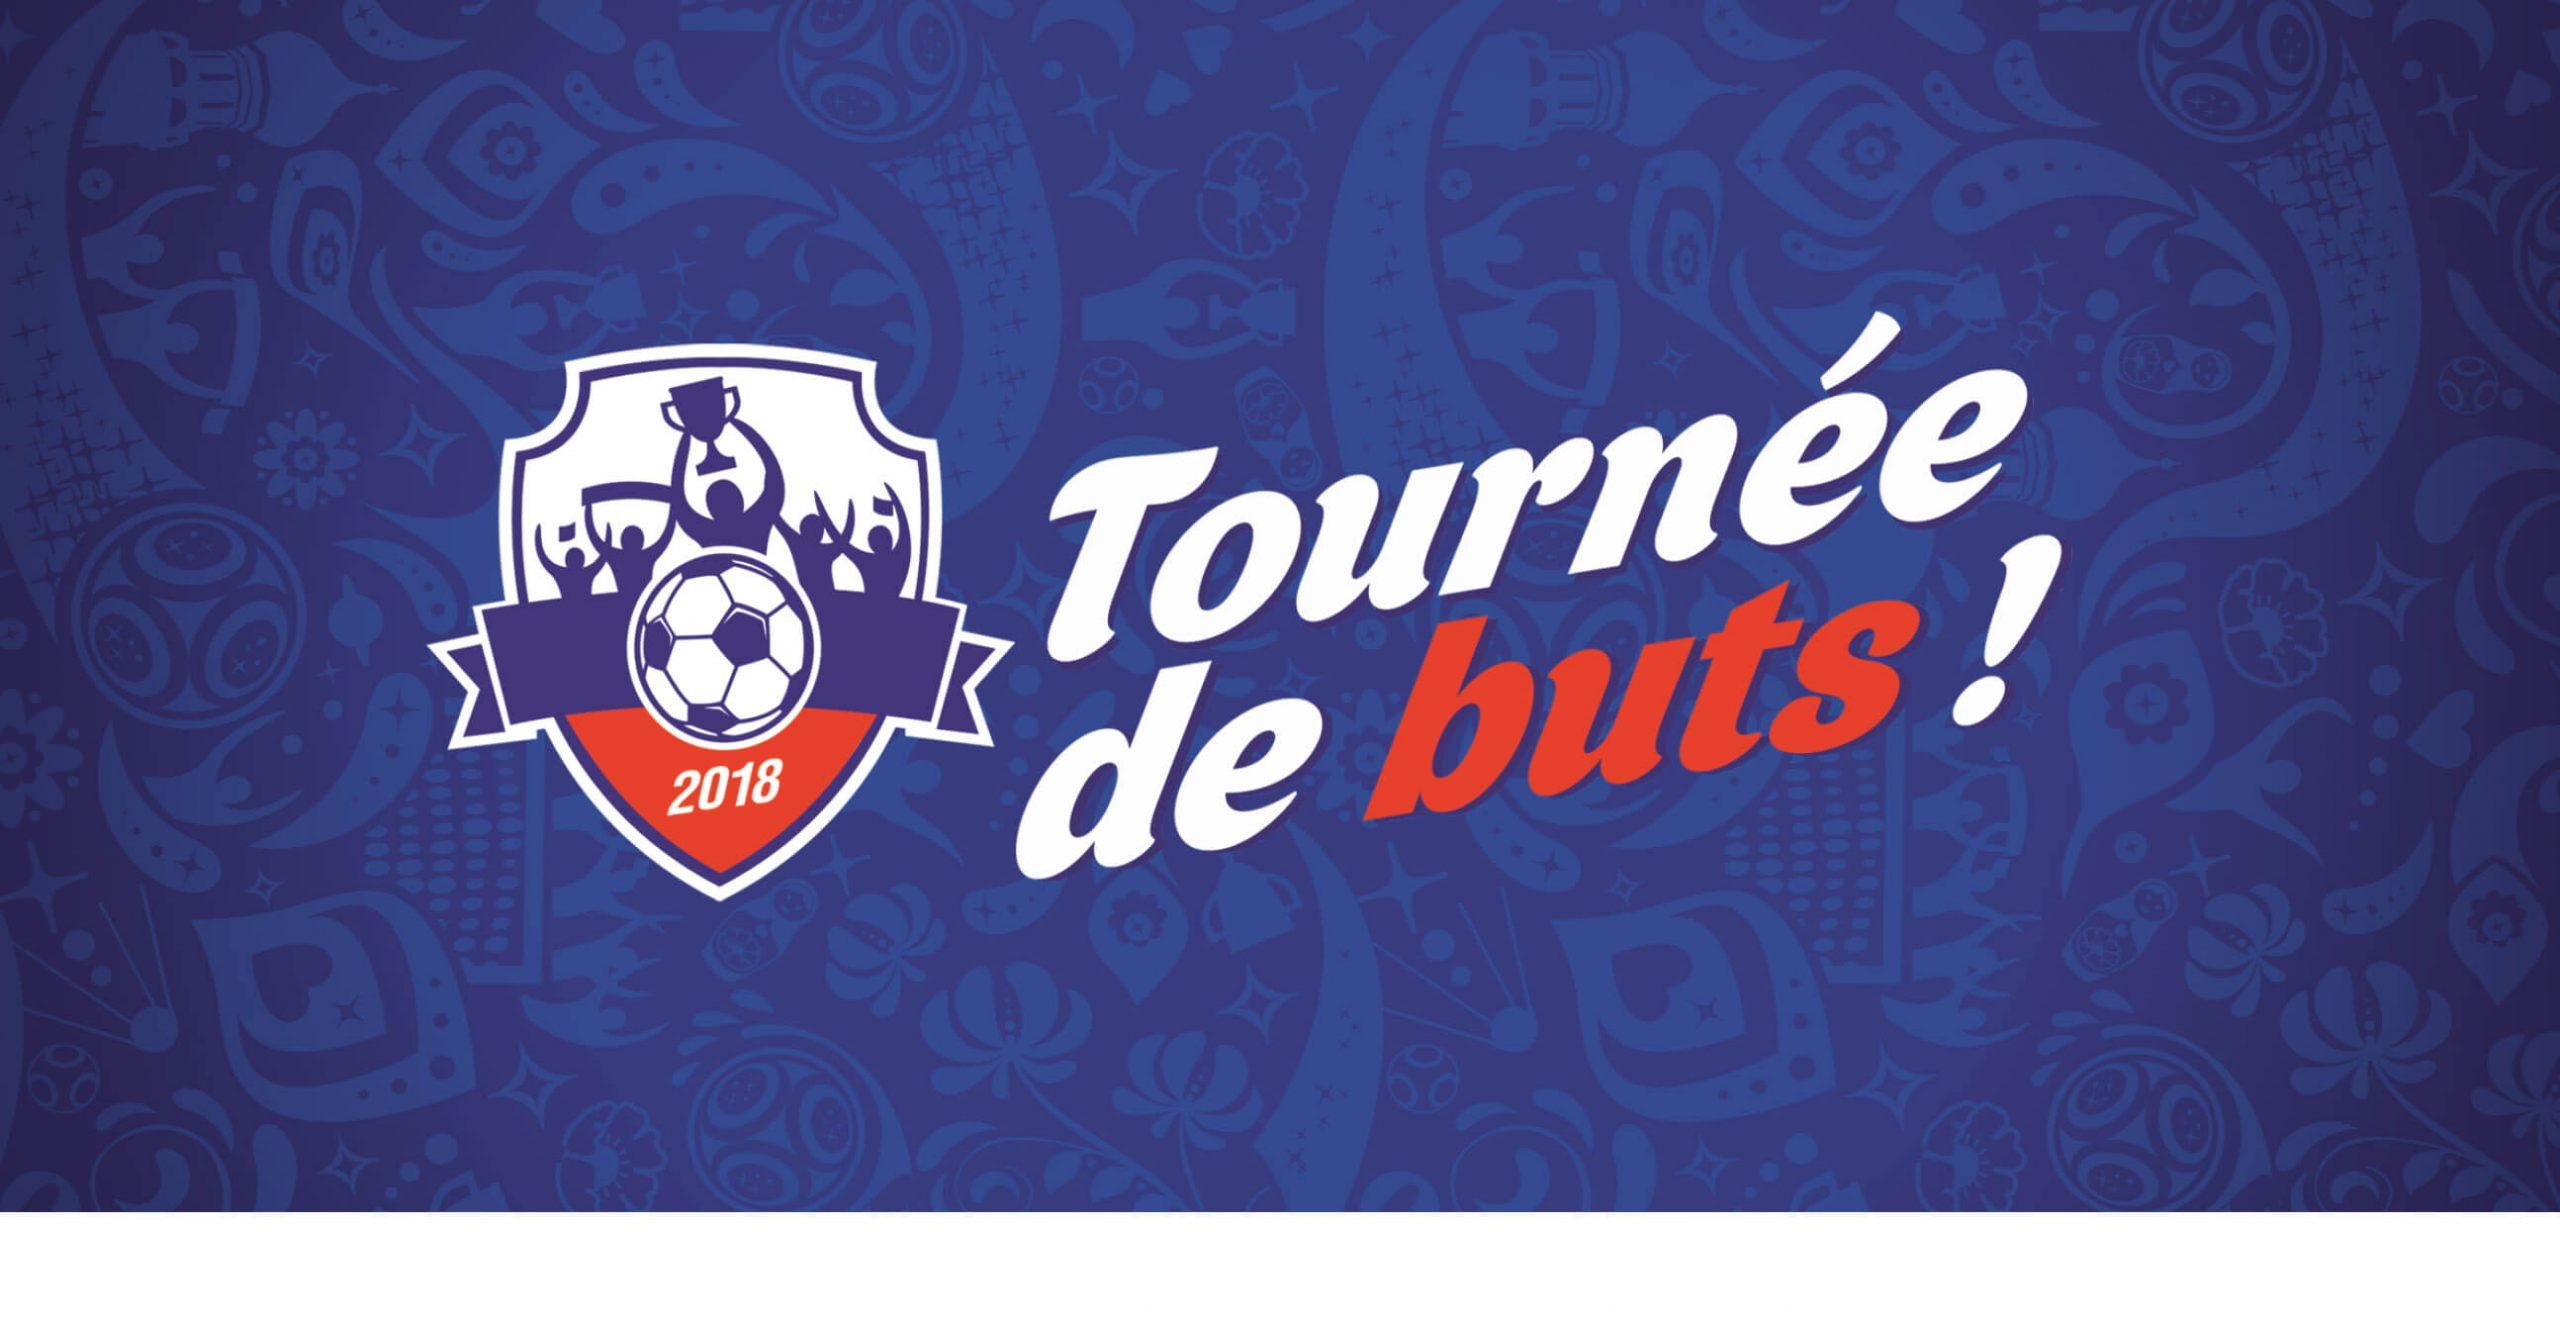 Read more about the article Tournée de buts !